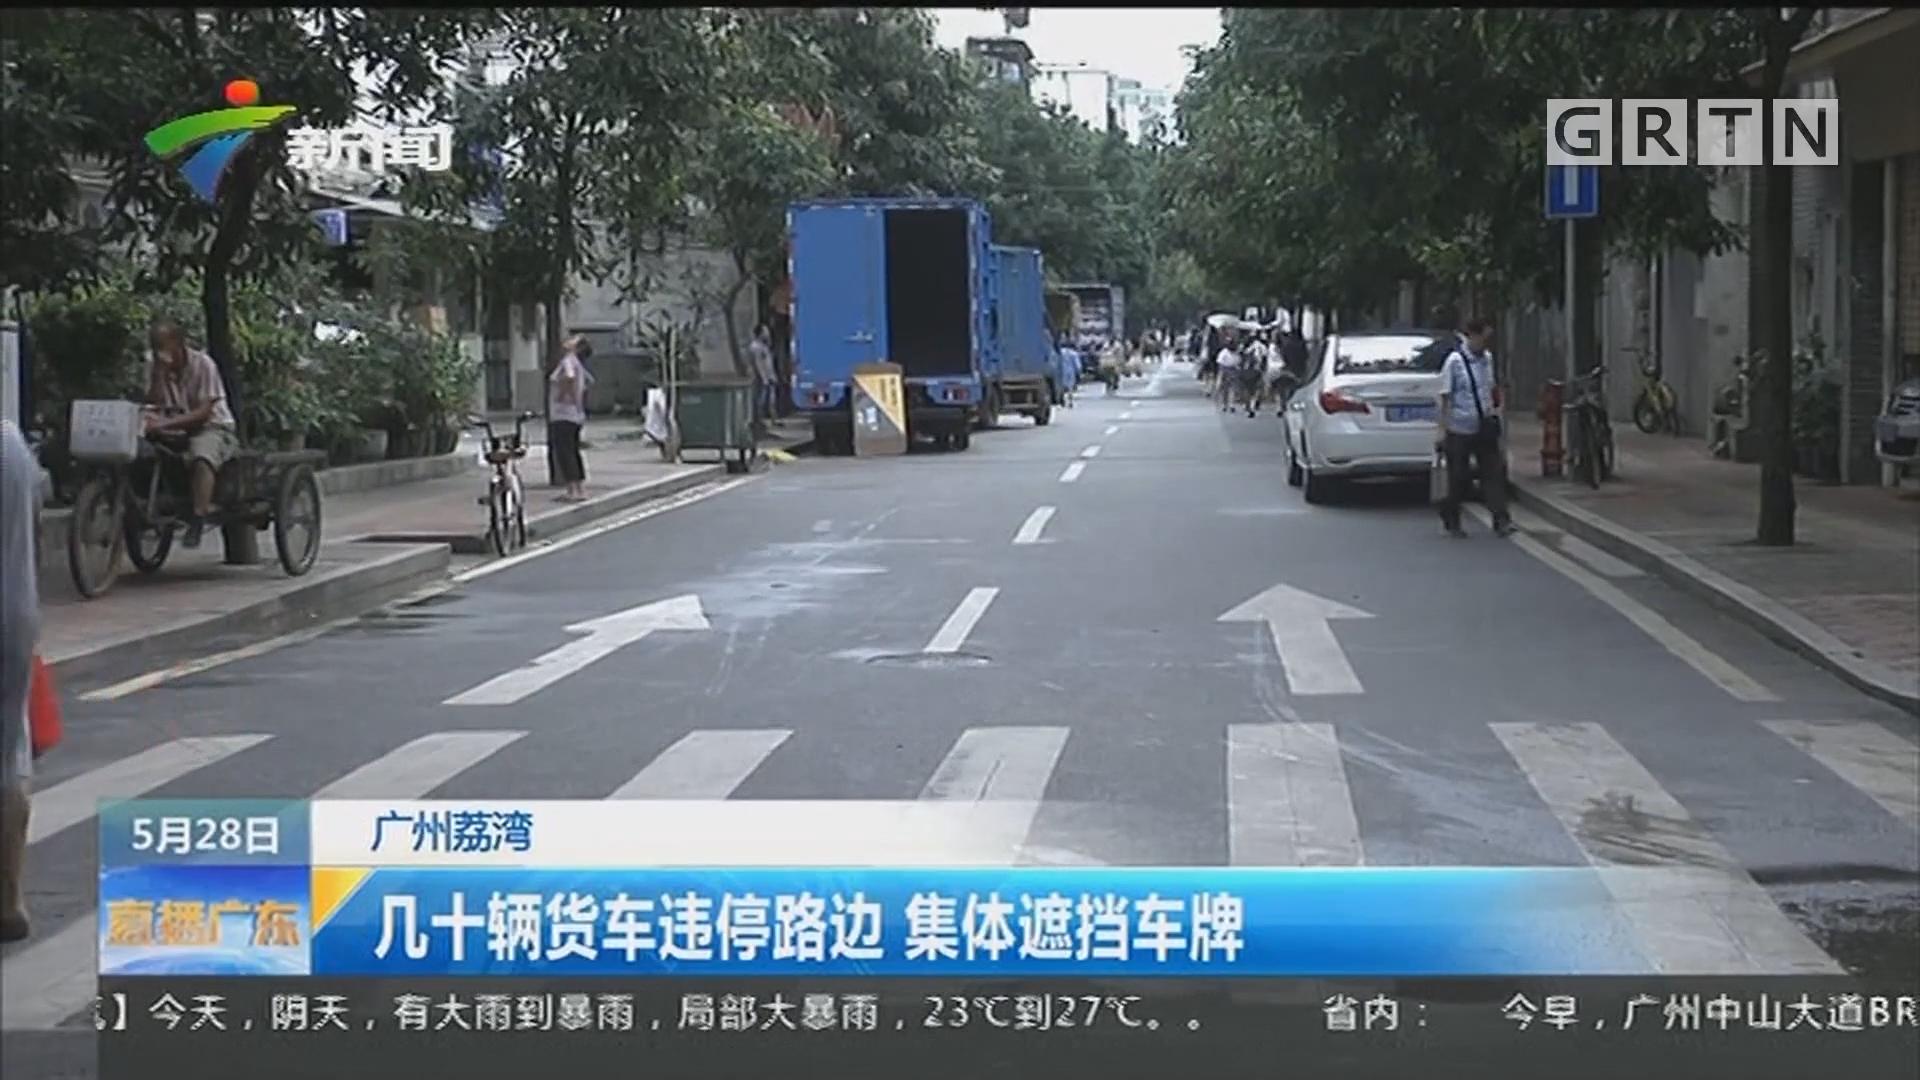 广州荔湾:几十辆货车违停路边 集体遮挡车牌